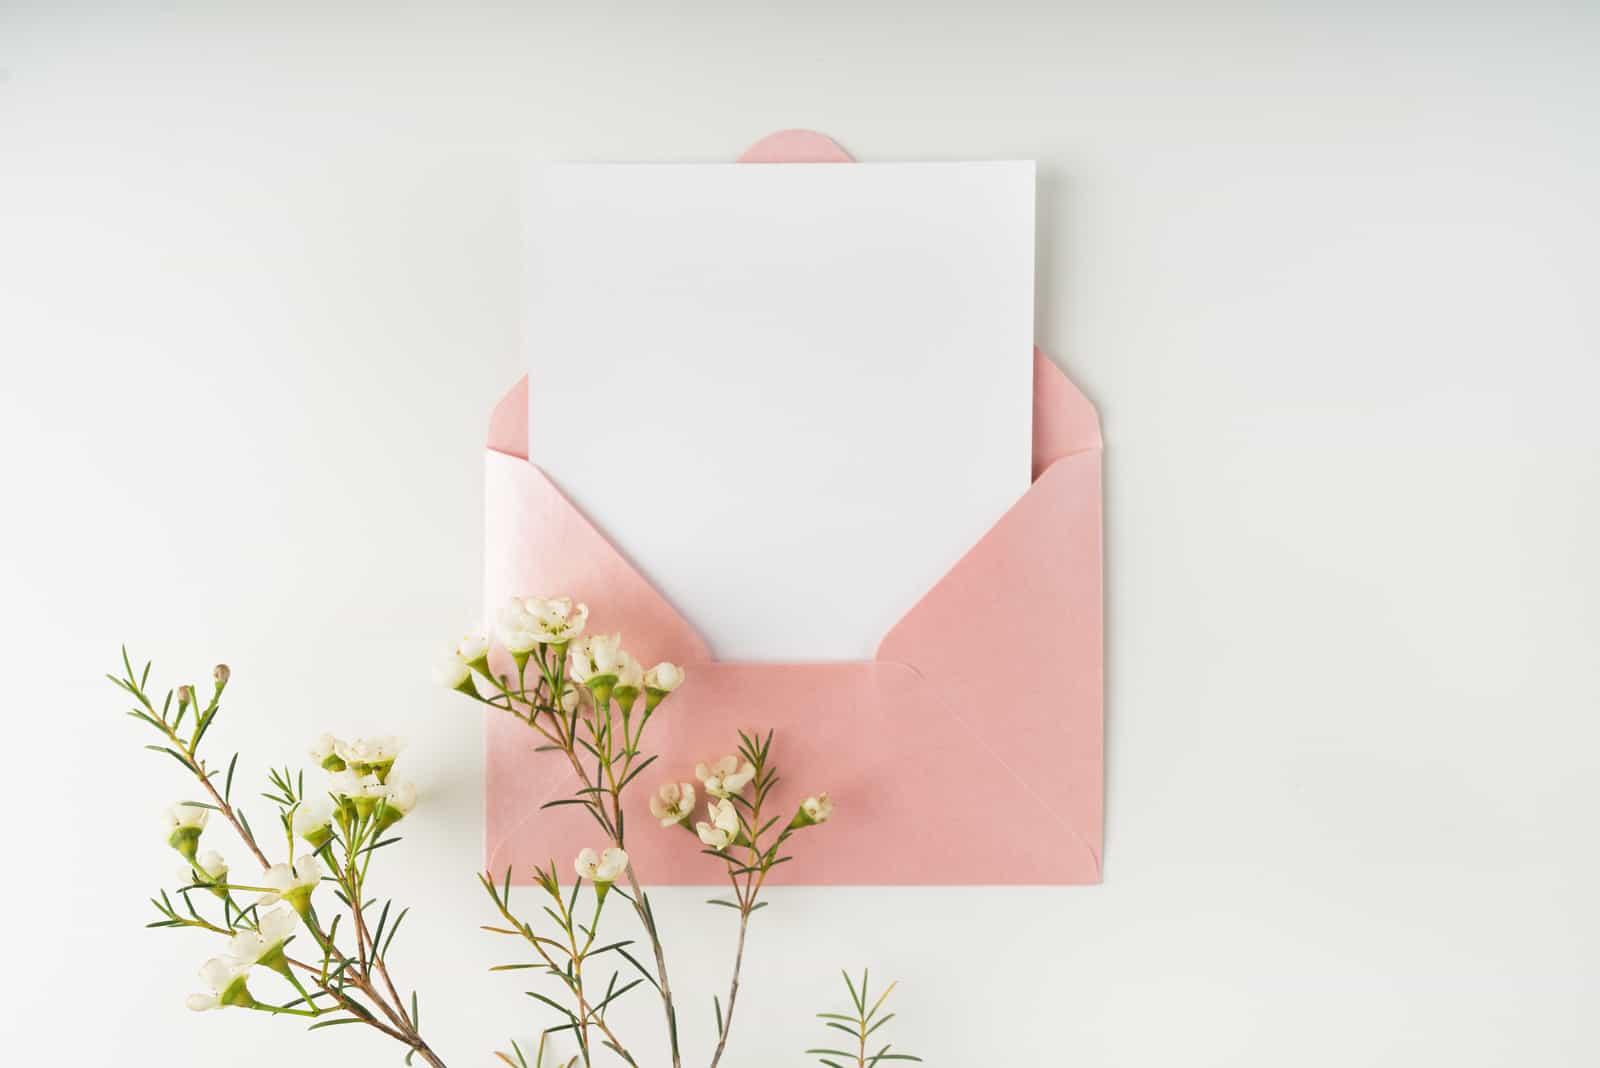 weiße leere Karte und eine Wachsblume auf einem weißen Hintergrund